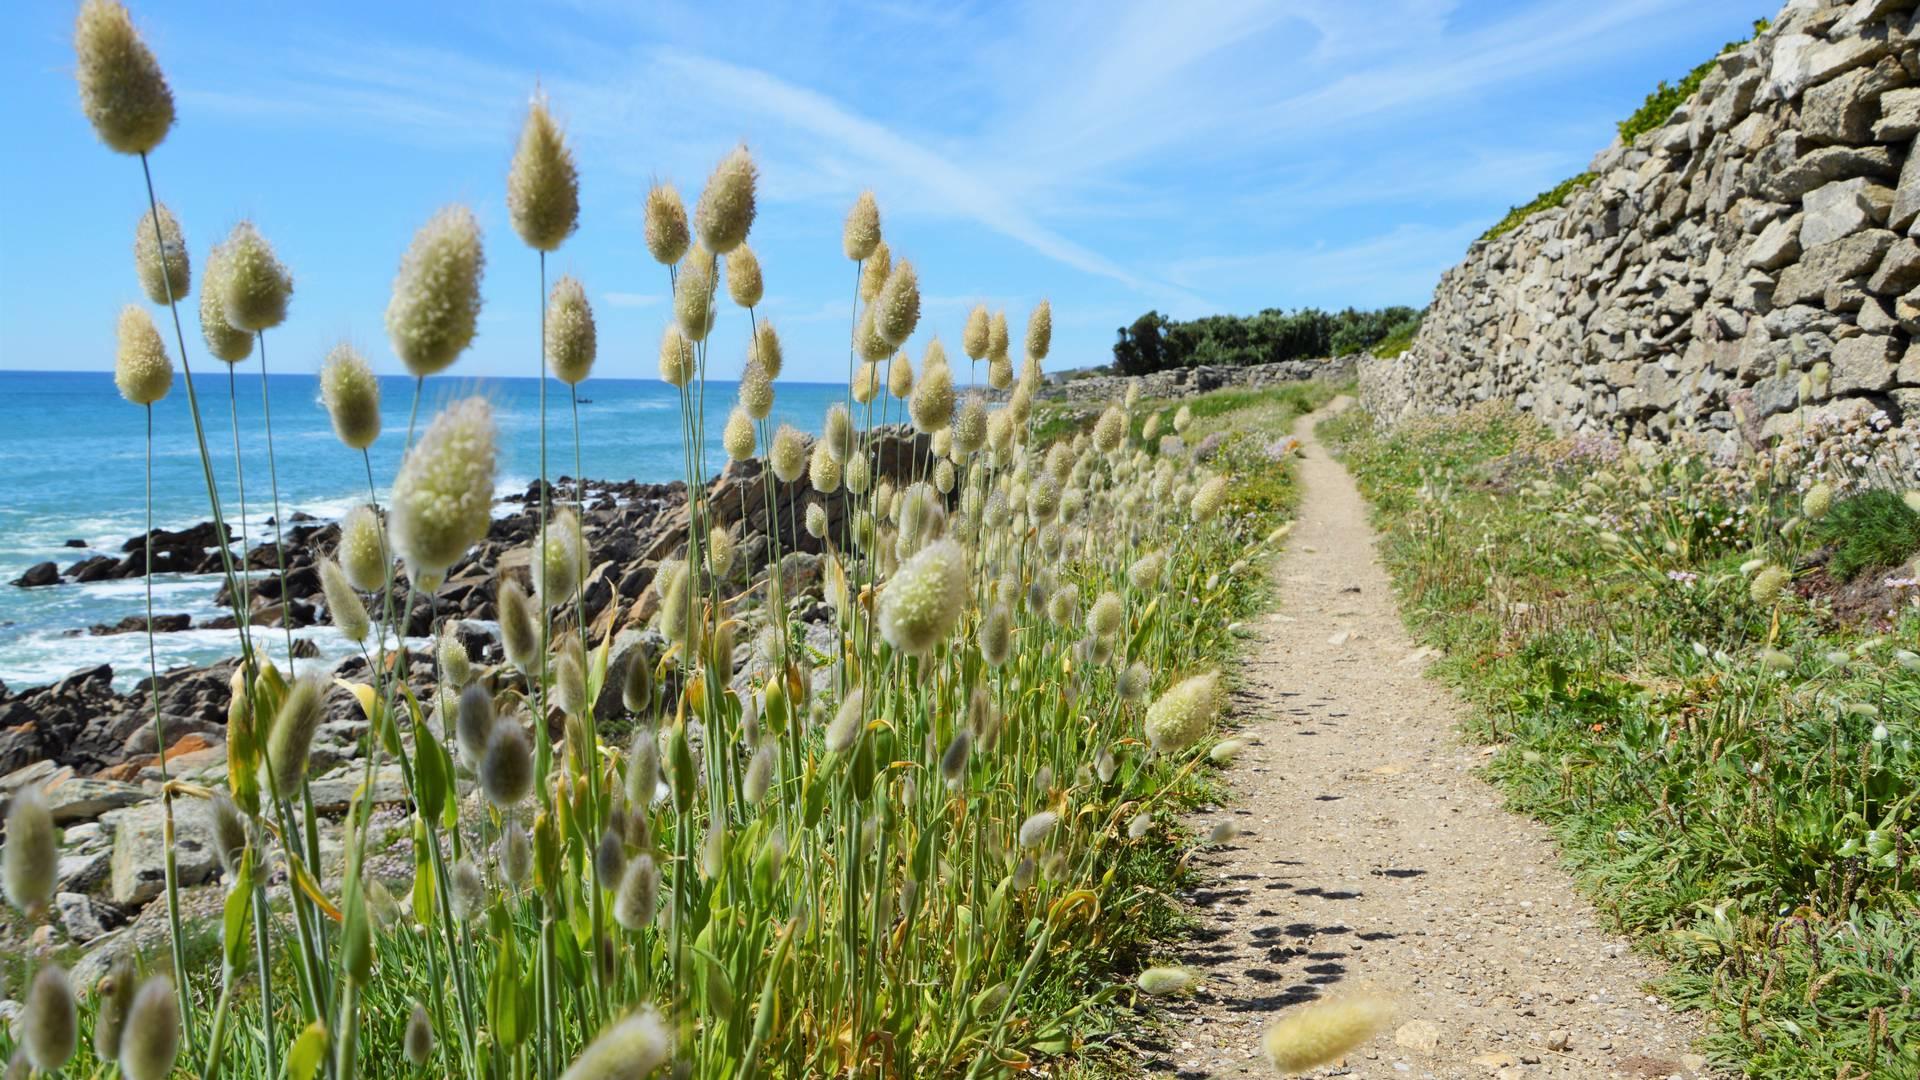 Sentier côtier Plozévet - ©M.Hamel